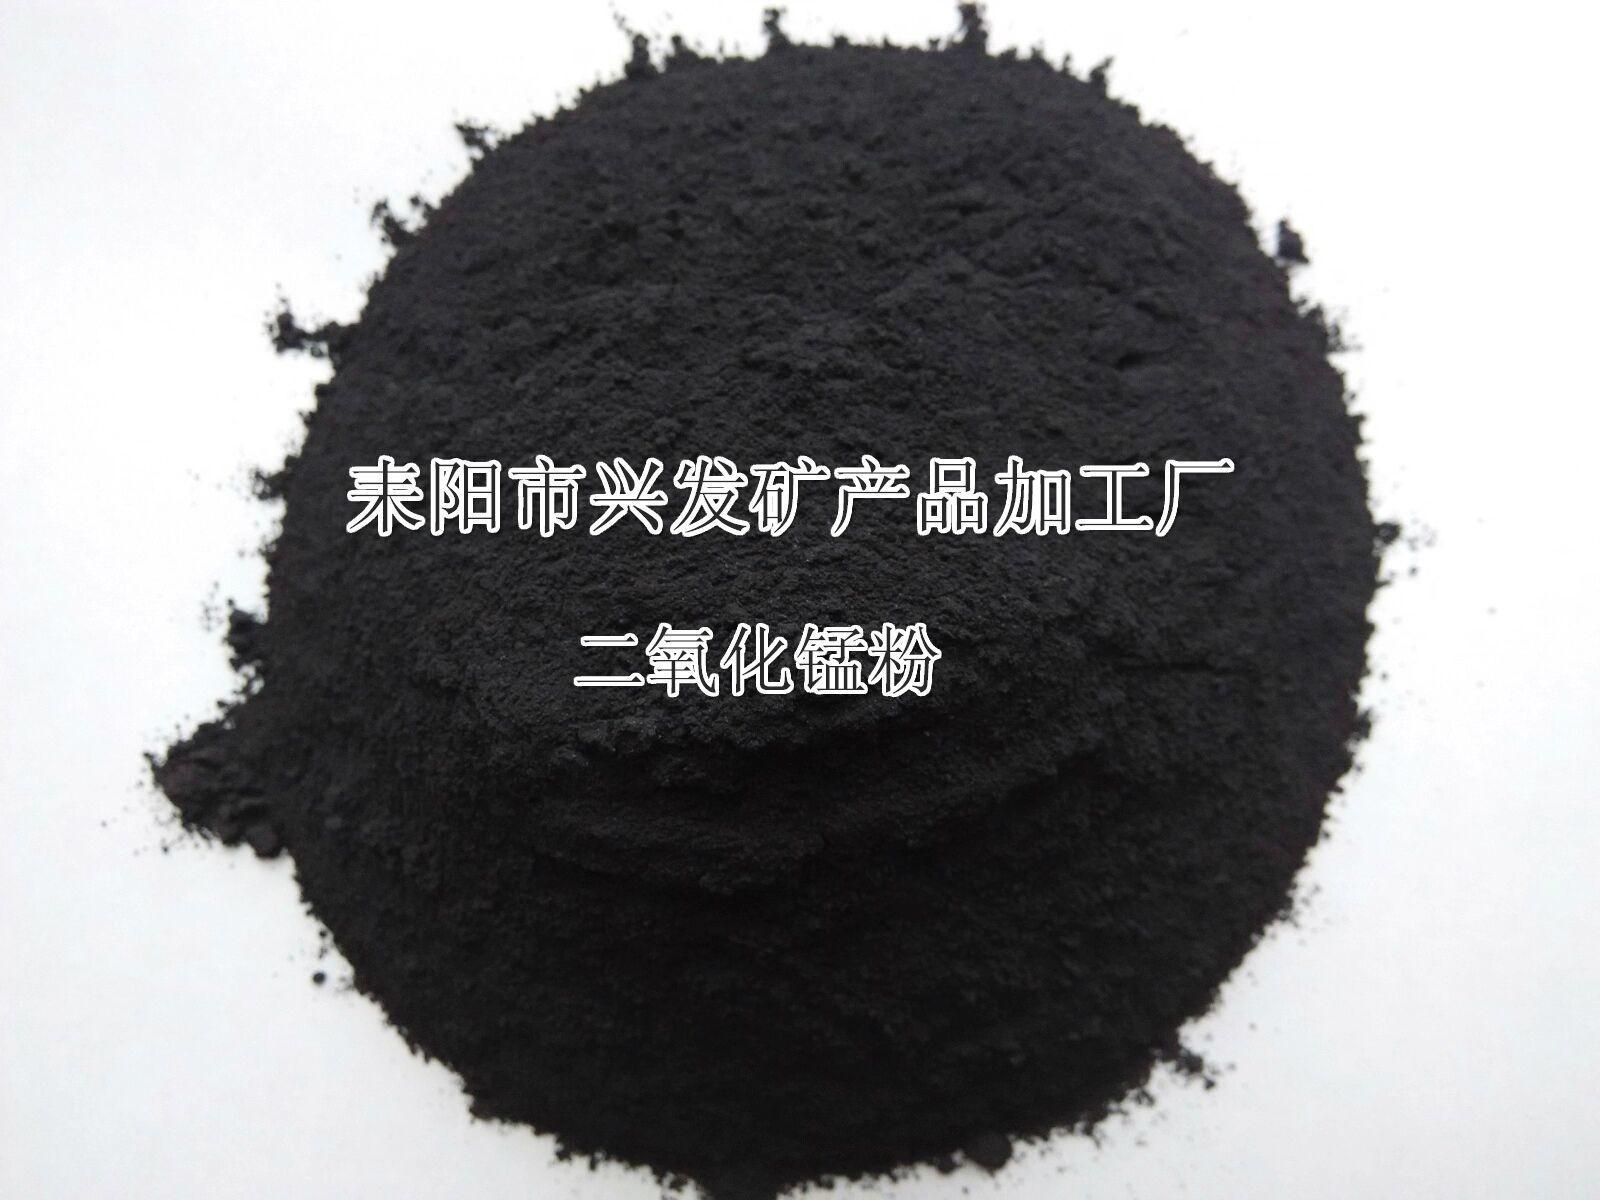 Manganese(IV) oxide 75%